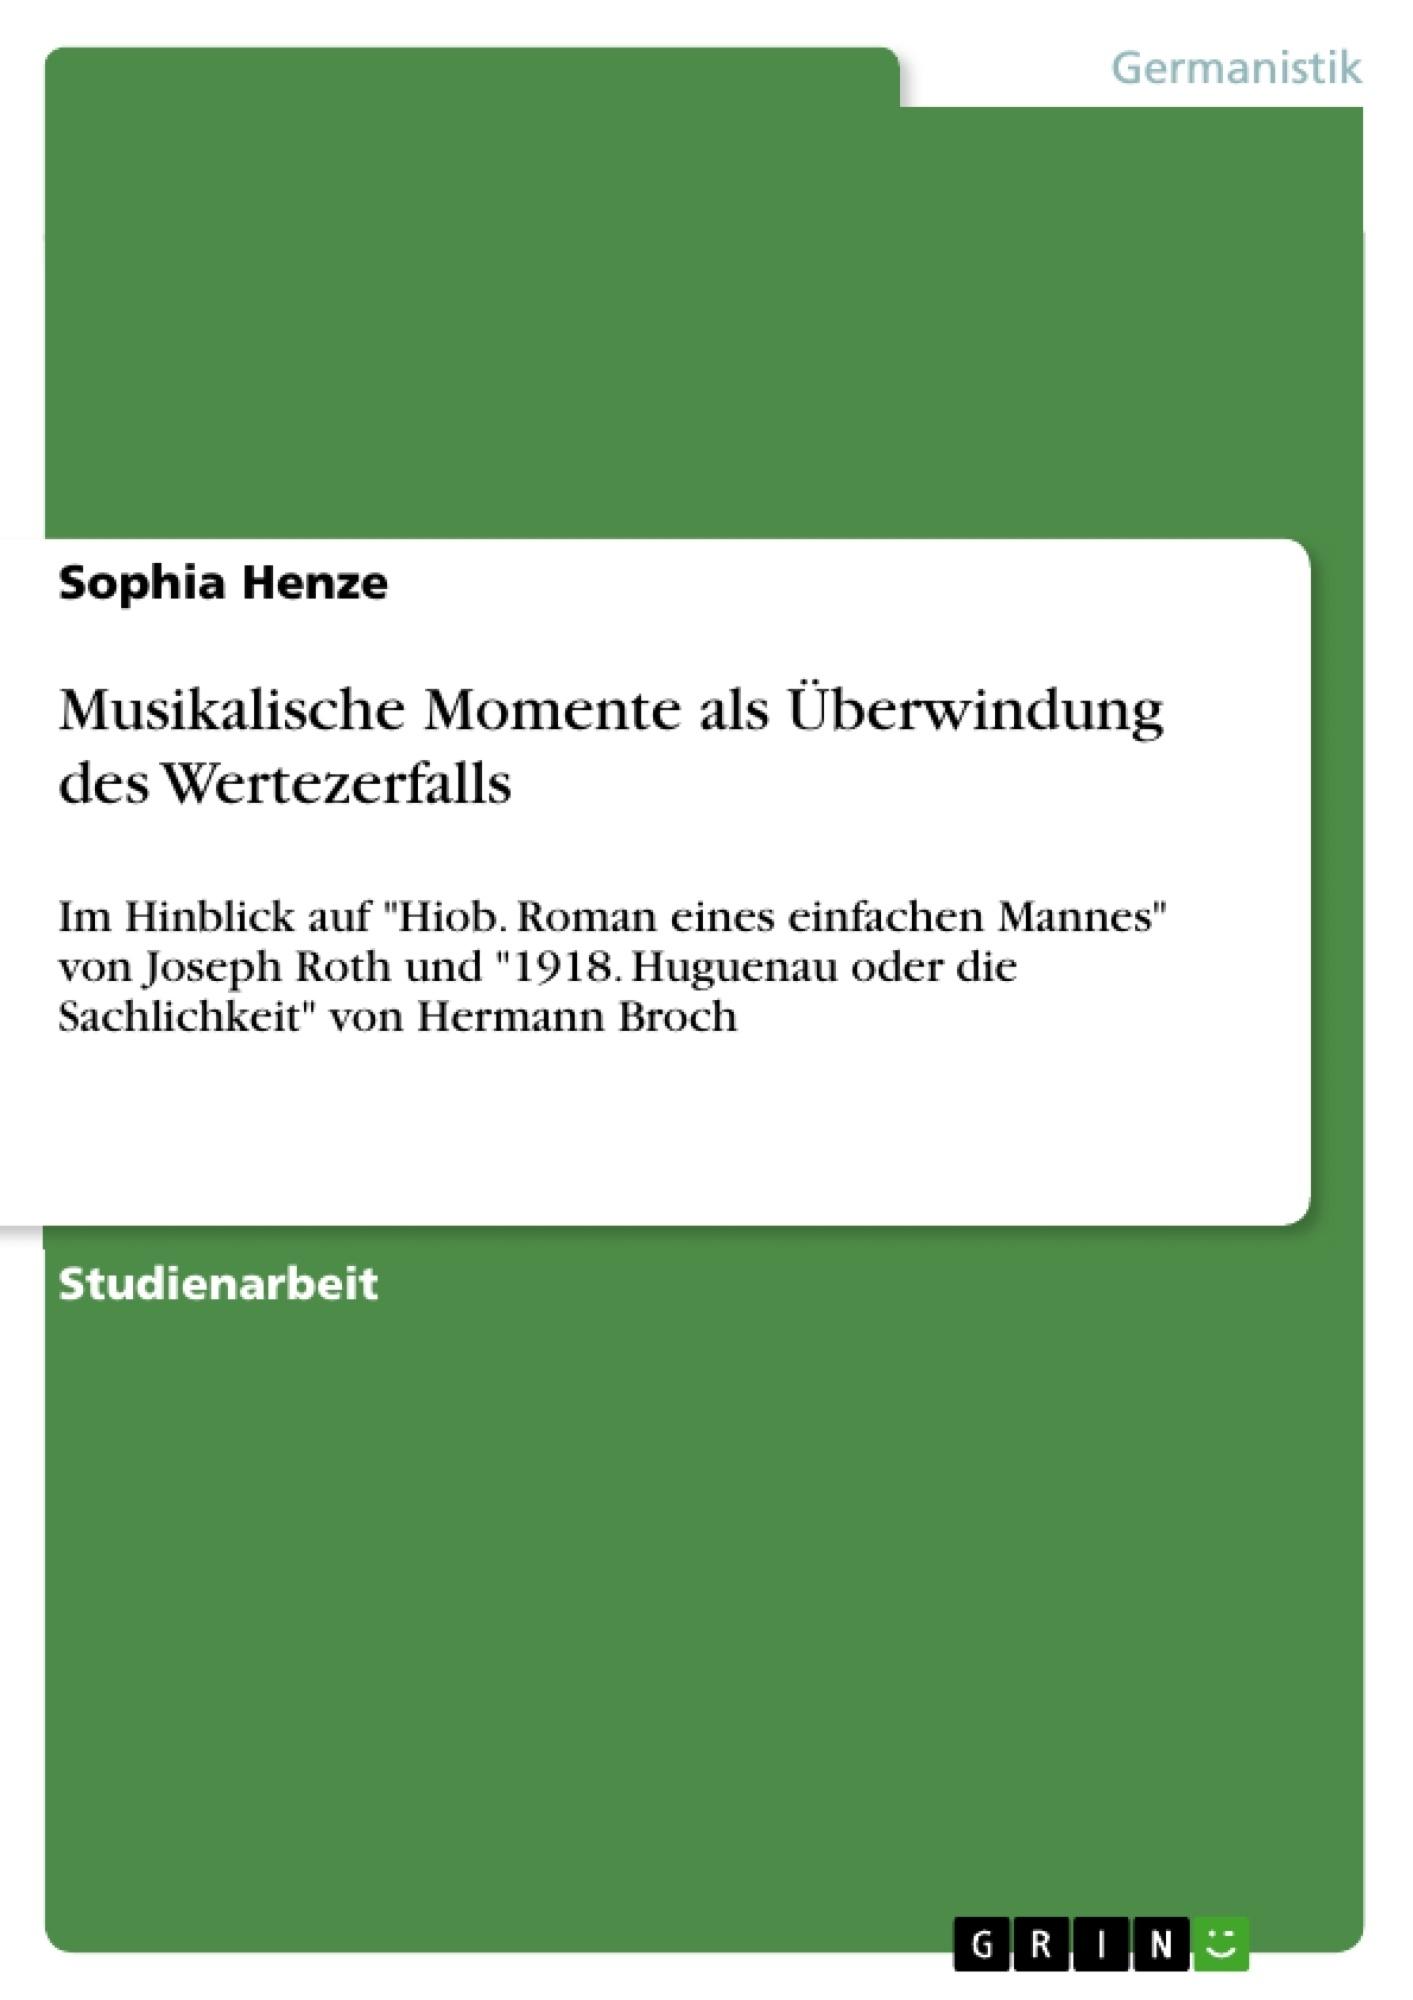 Titel: Musikalische Momente als Überwindung des Wertezerfalls